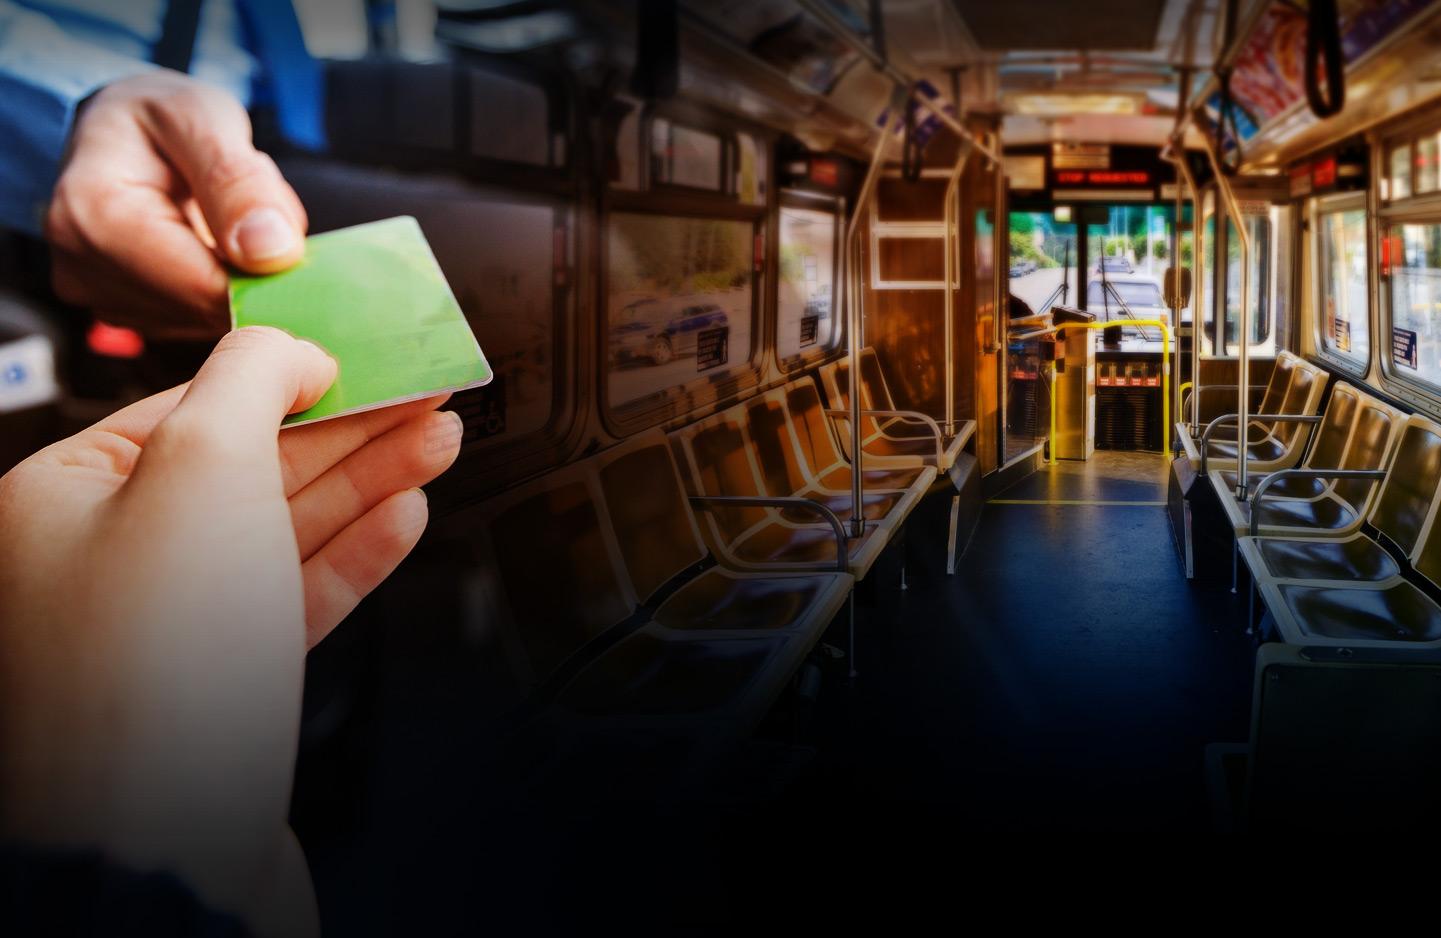 Transit background photo